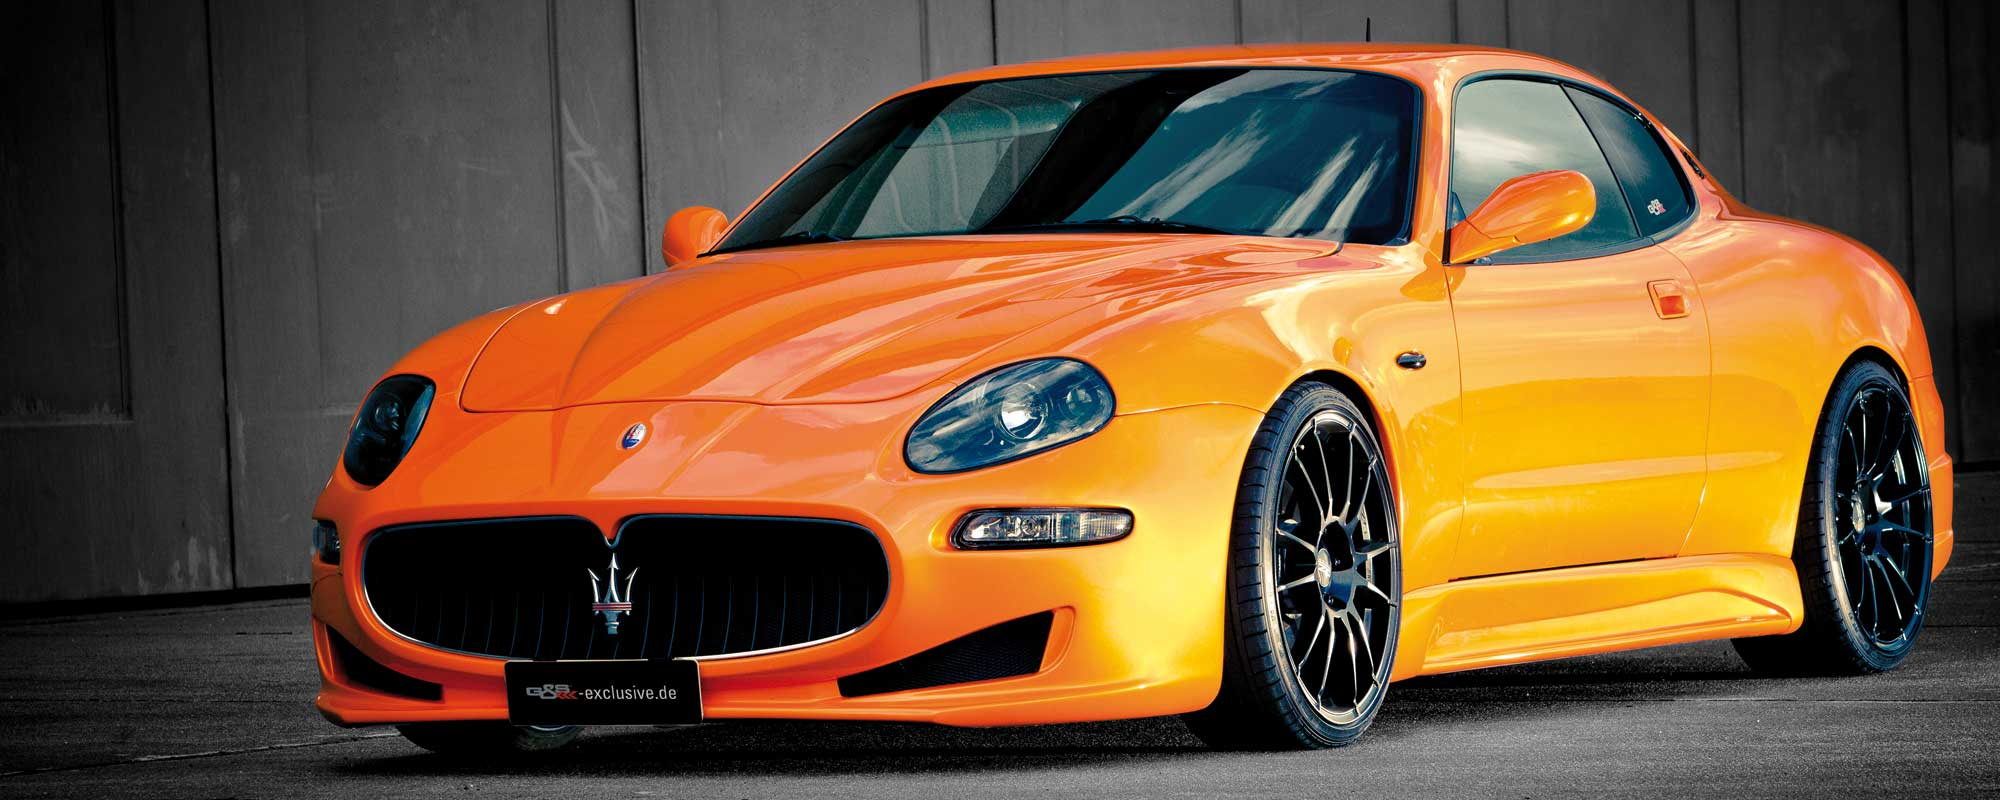 Der Maserati 4200 EVO von G&S Exclusive